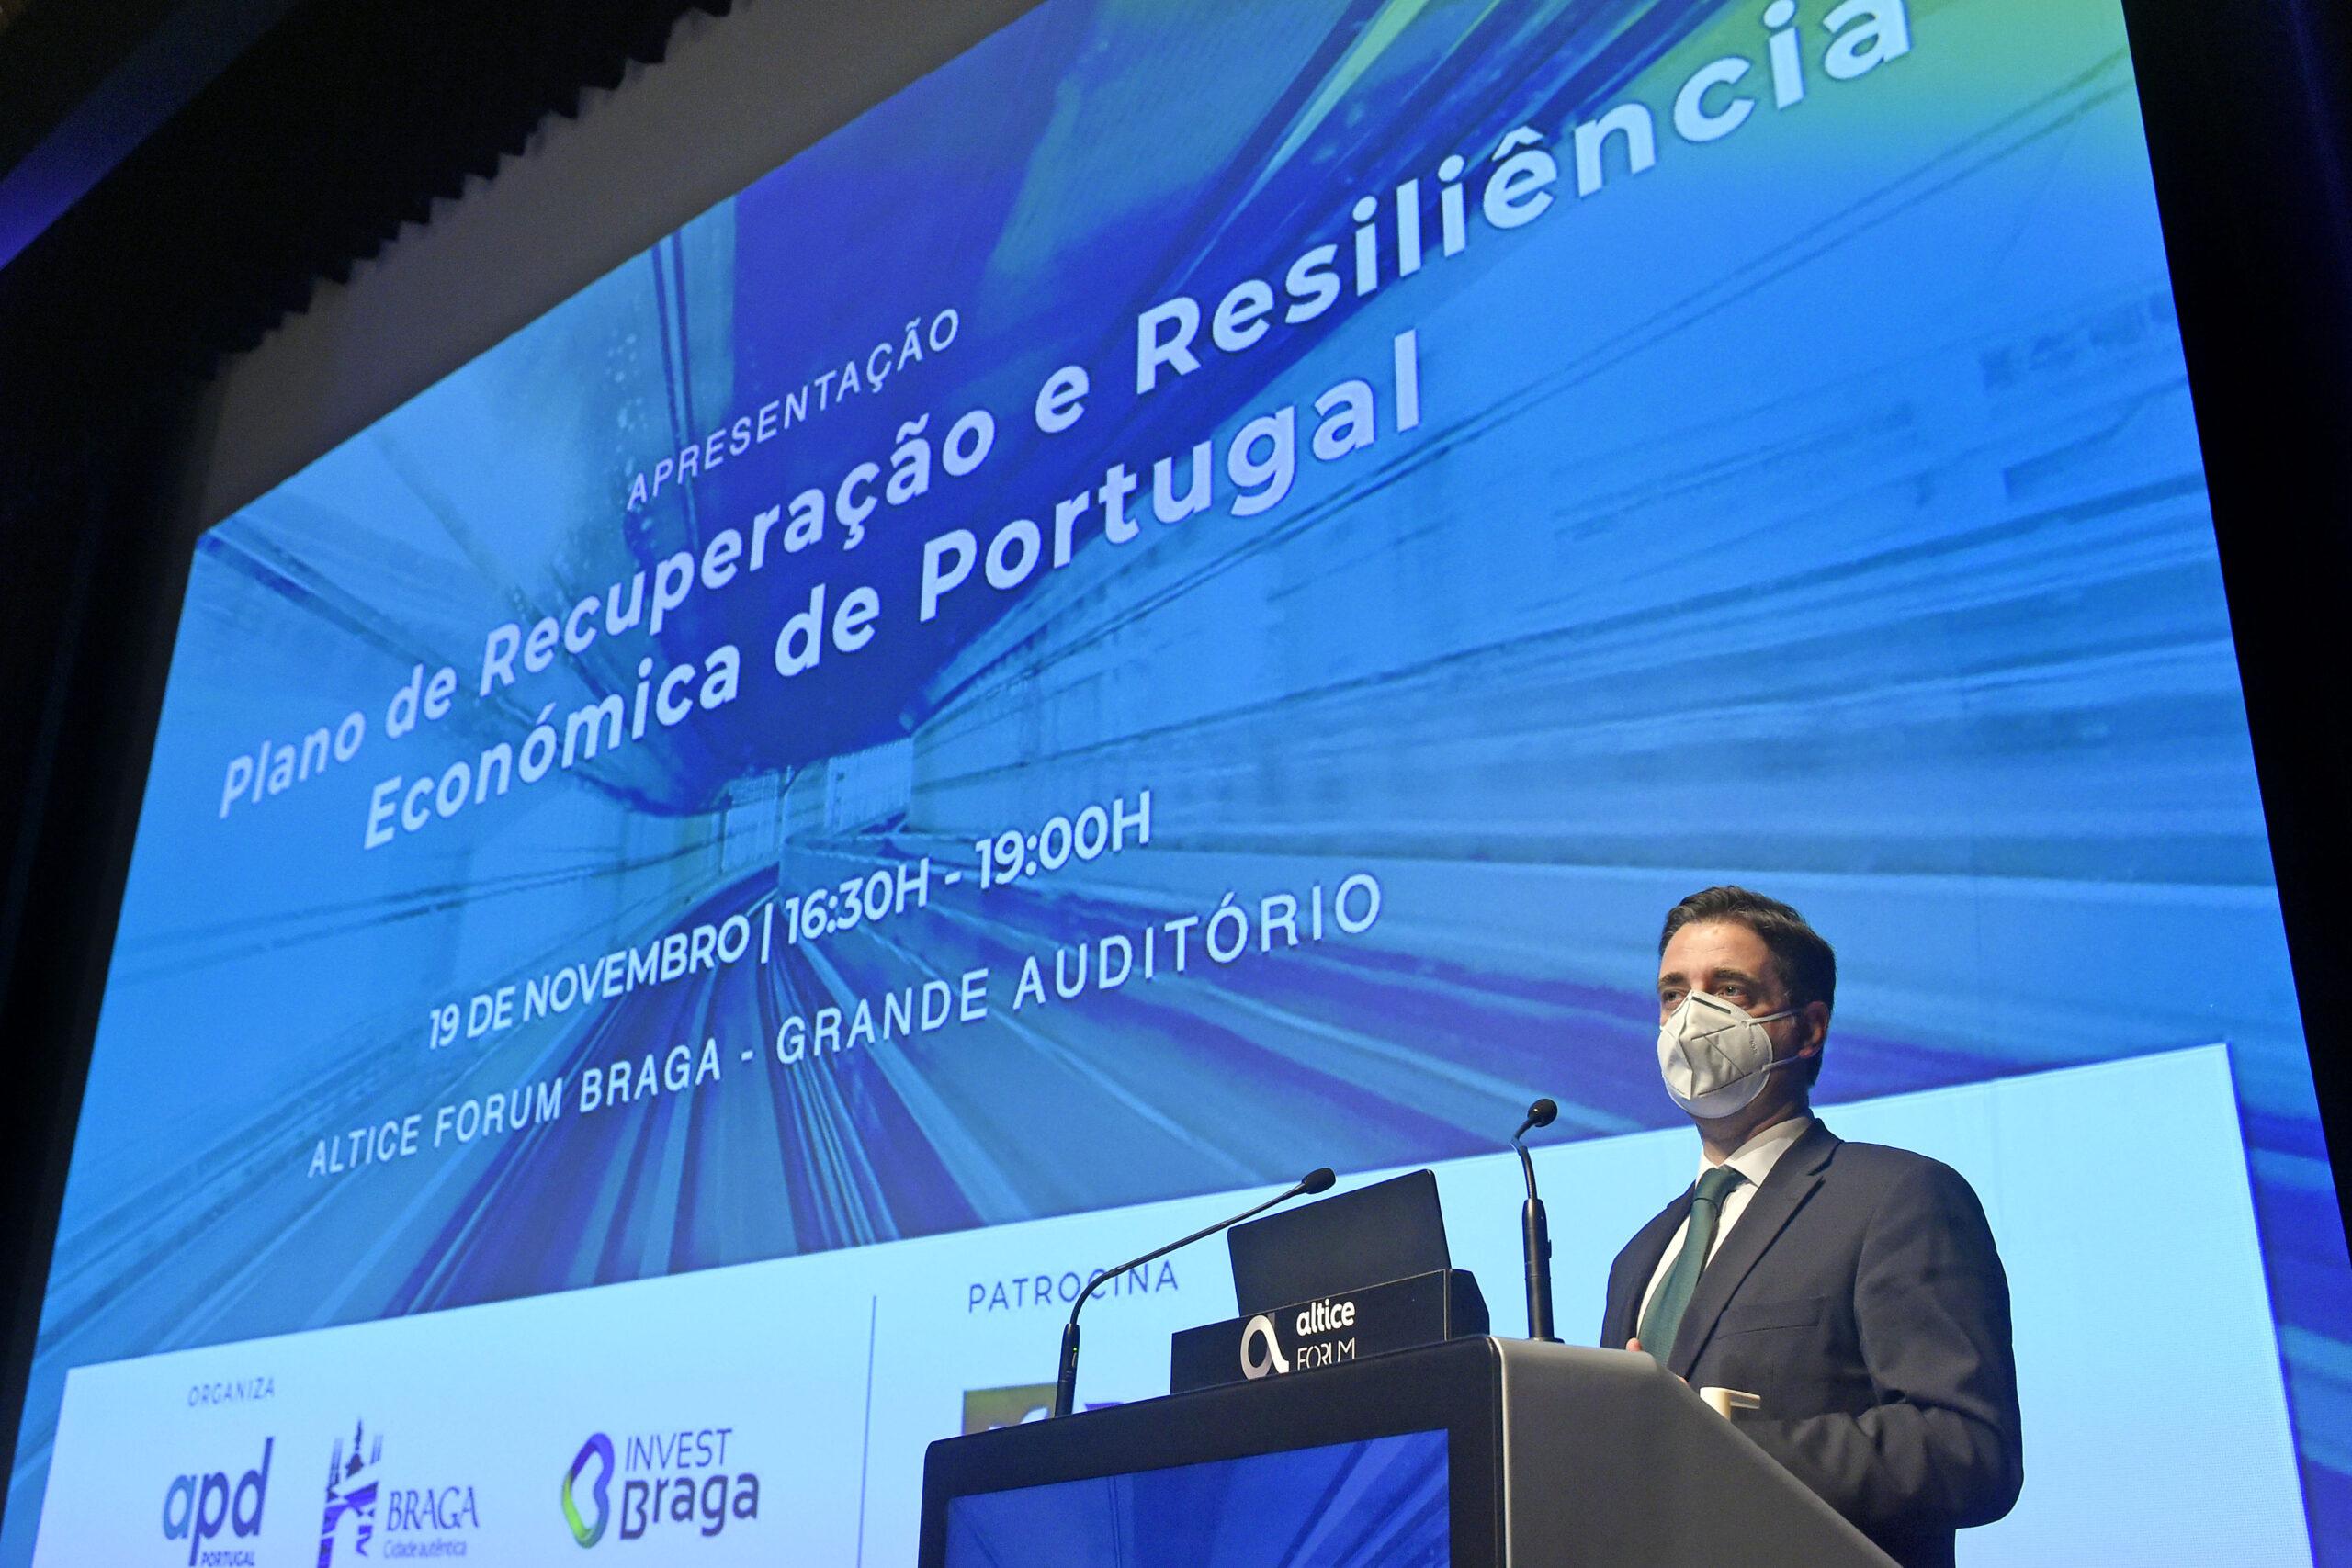 """Agentes regionais e locais """"são fundamentais"""" para sucesso do Plano de Recuperação e Resiliência, afirma Ricardo Rio"""